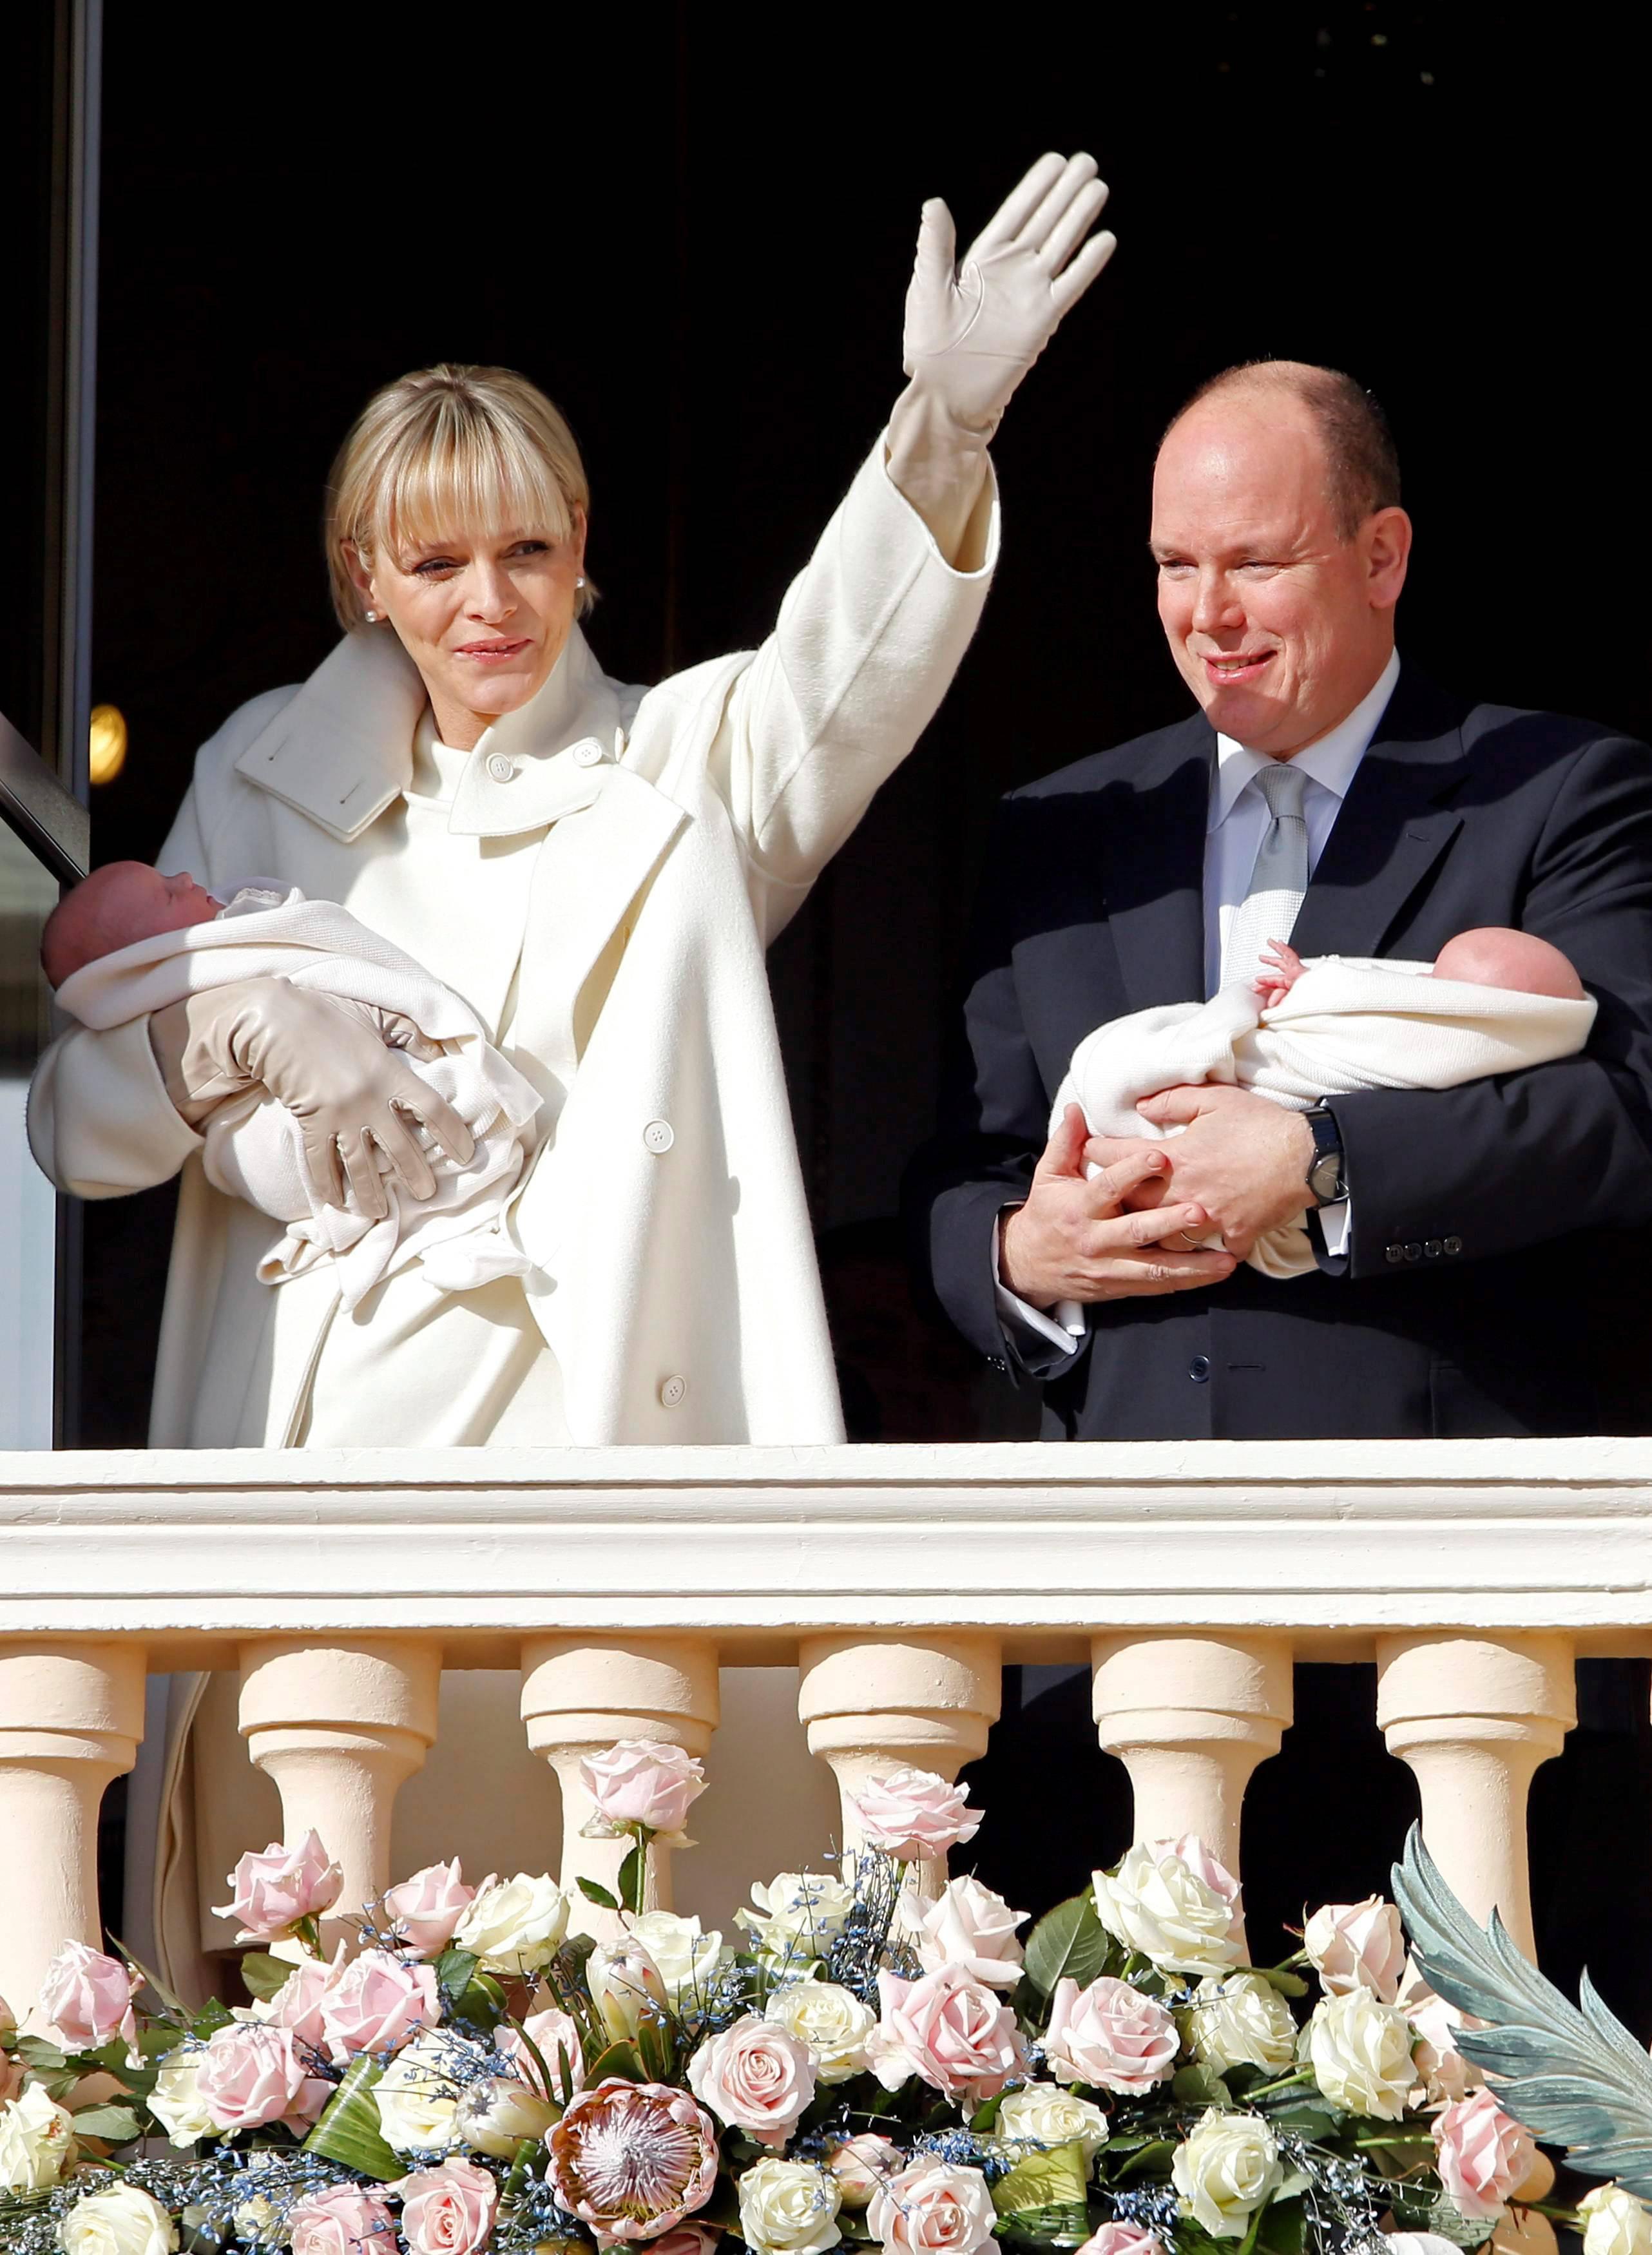 Принц Монако Альберт ІІ с супругой официально представили своих детей